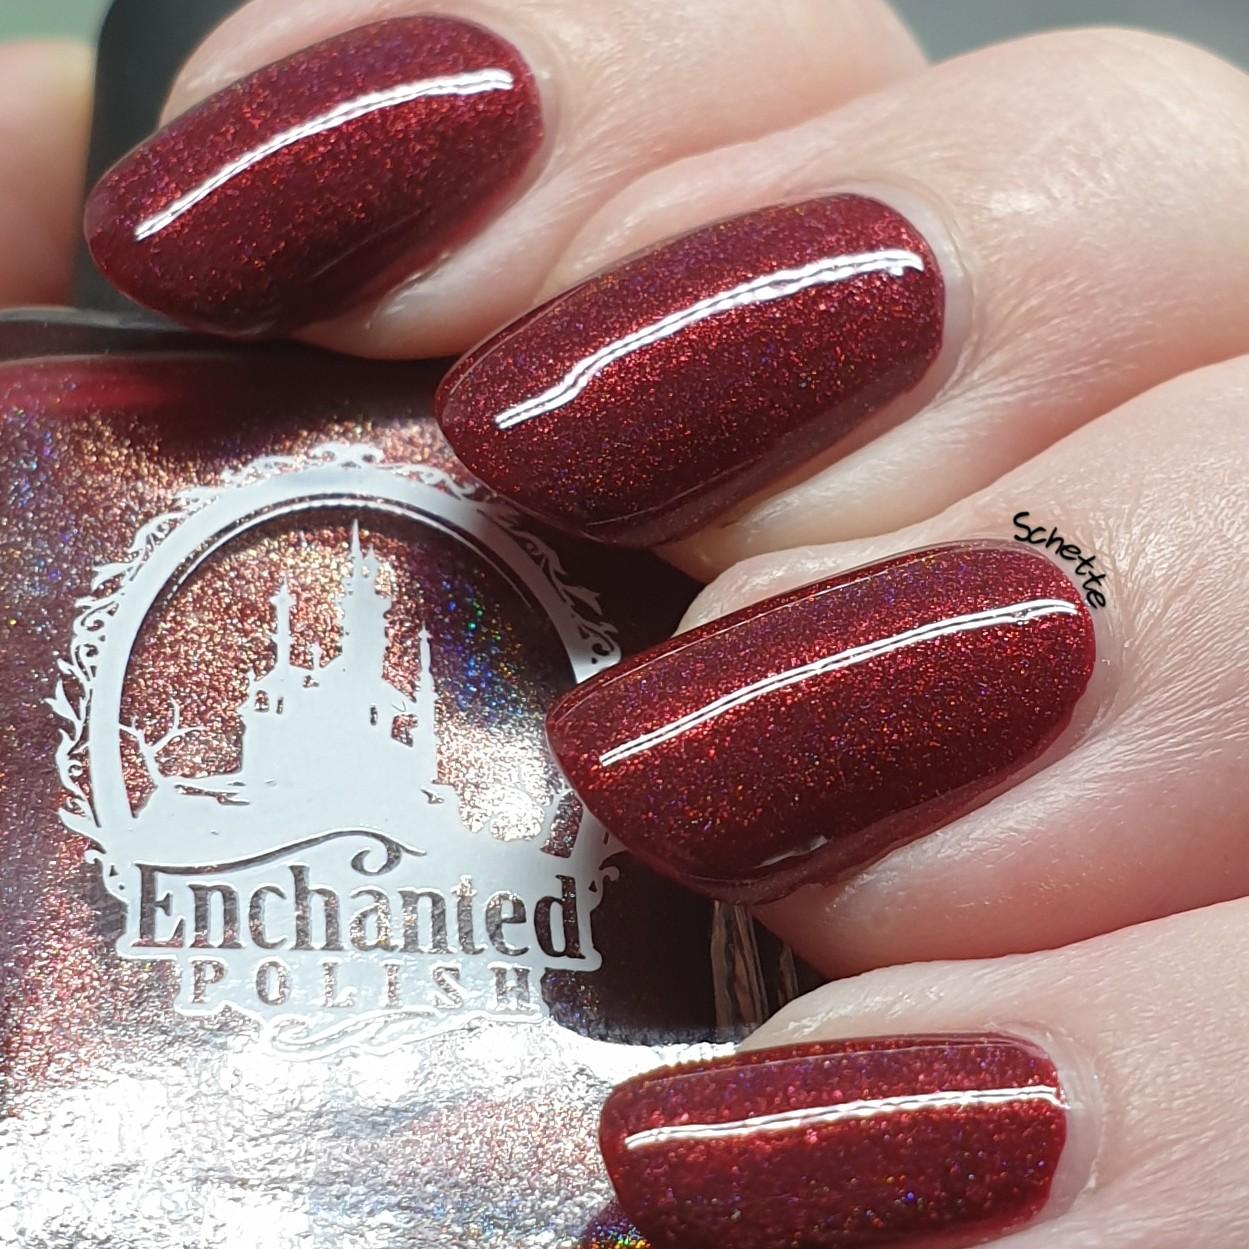 Enchanted Polish - Cherries Jubilee